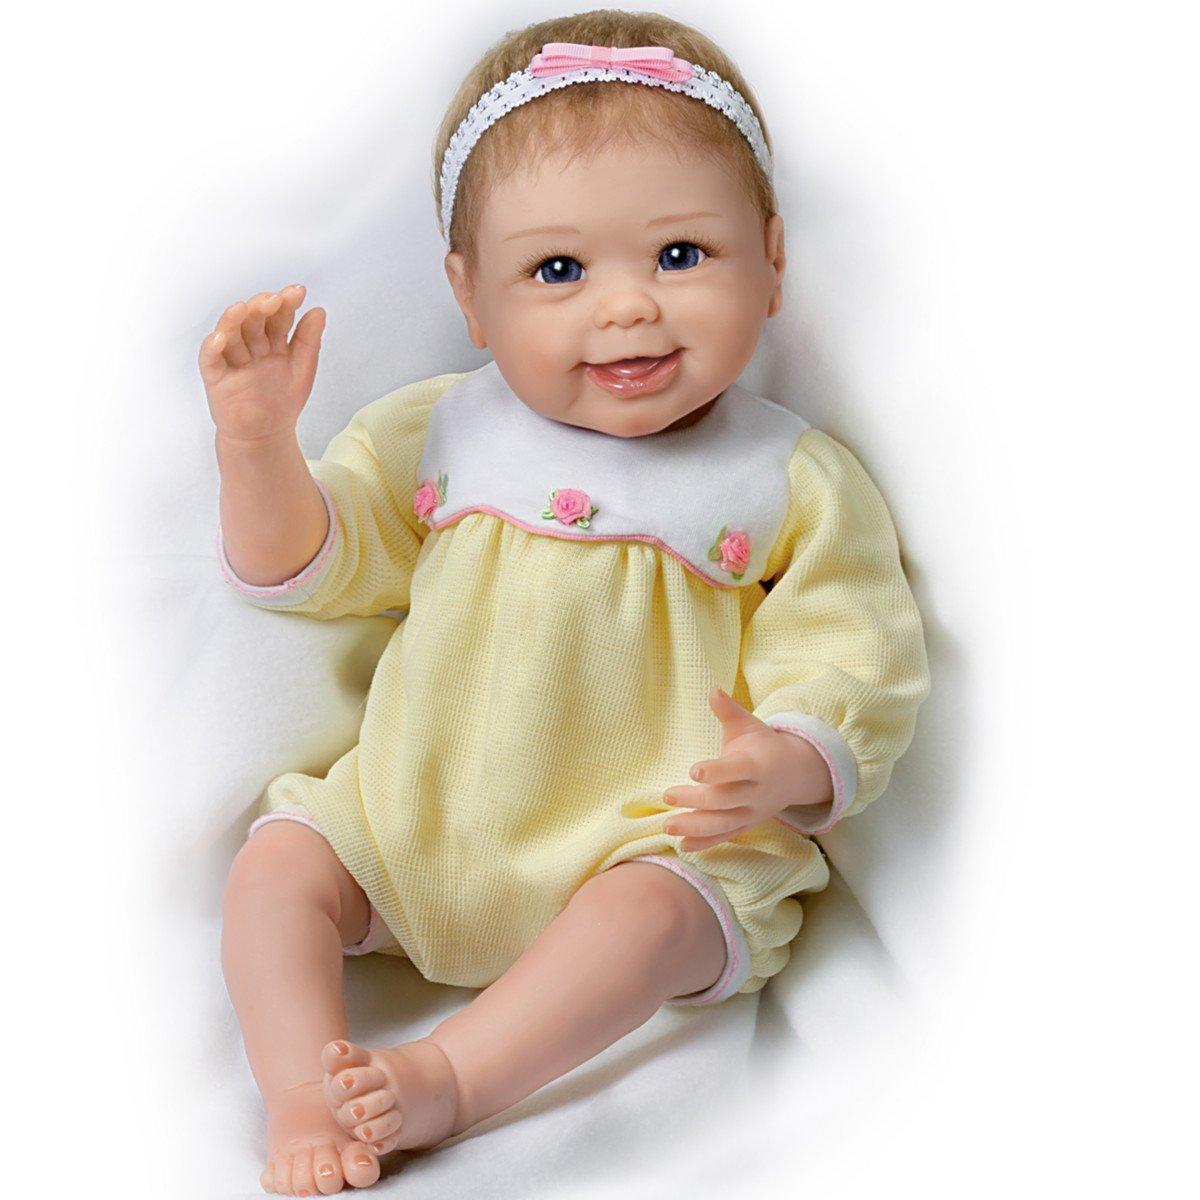 ベビー人形: Hailey波Bye Bye Baby Doll Baby by Hailey波Bye Ashton Ashton Drake B00DIJX47G, LIFE TIME:9e8cd313 --- sayselfiee.com